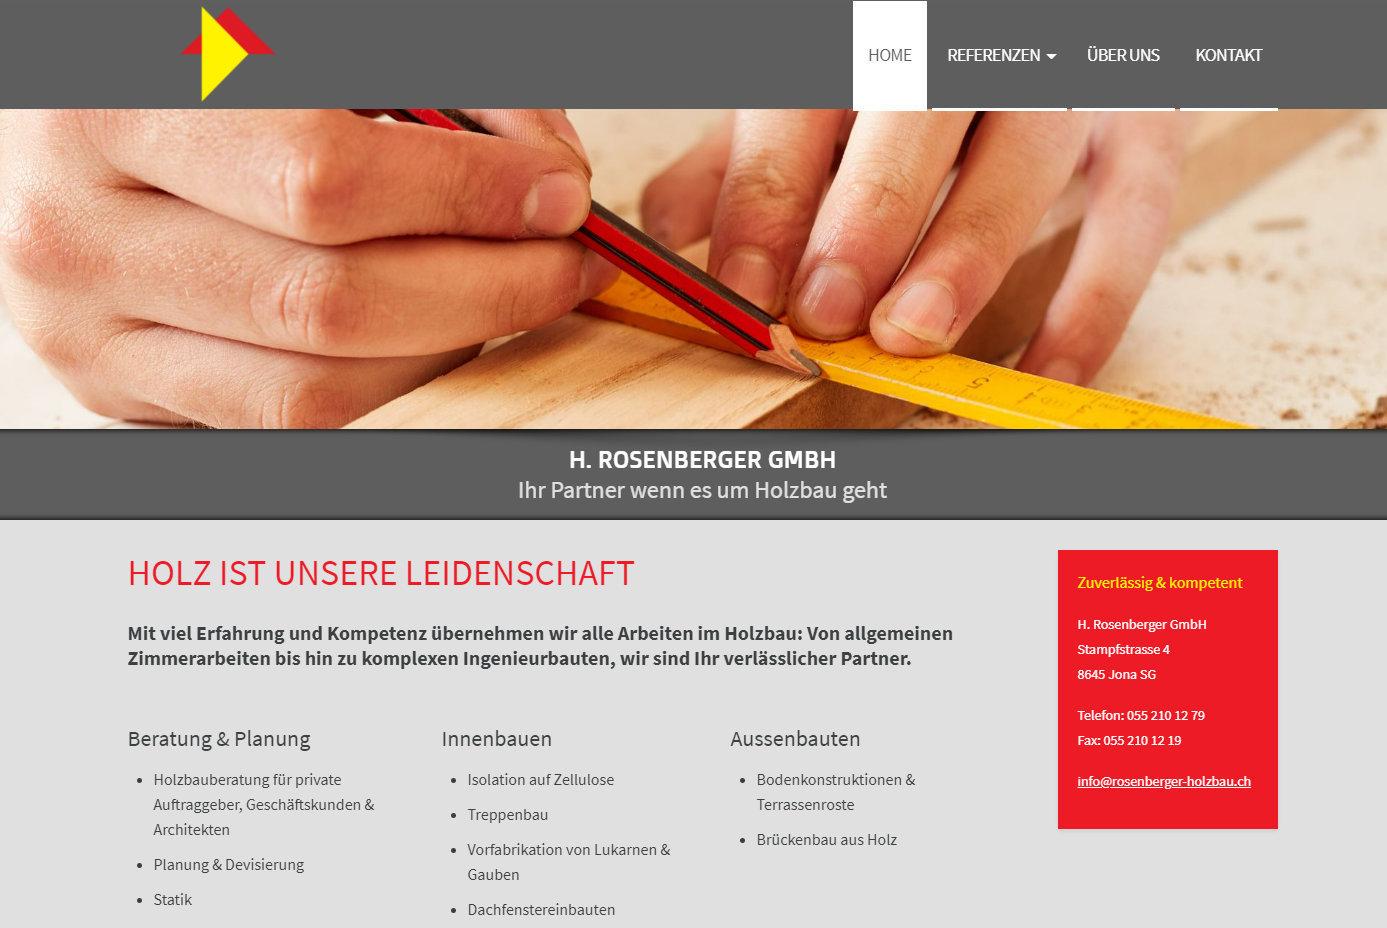 Neue Website für H. Rosenberger GmbH